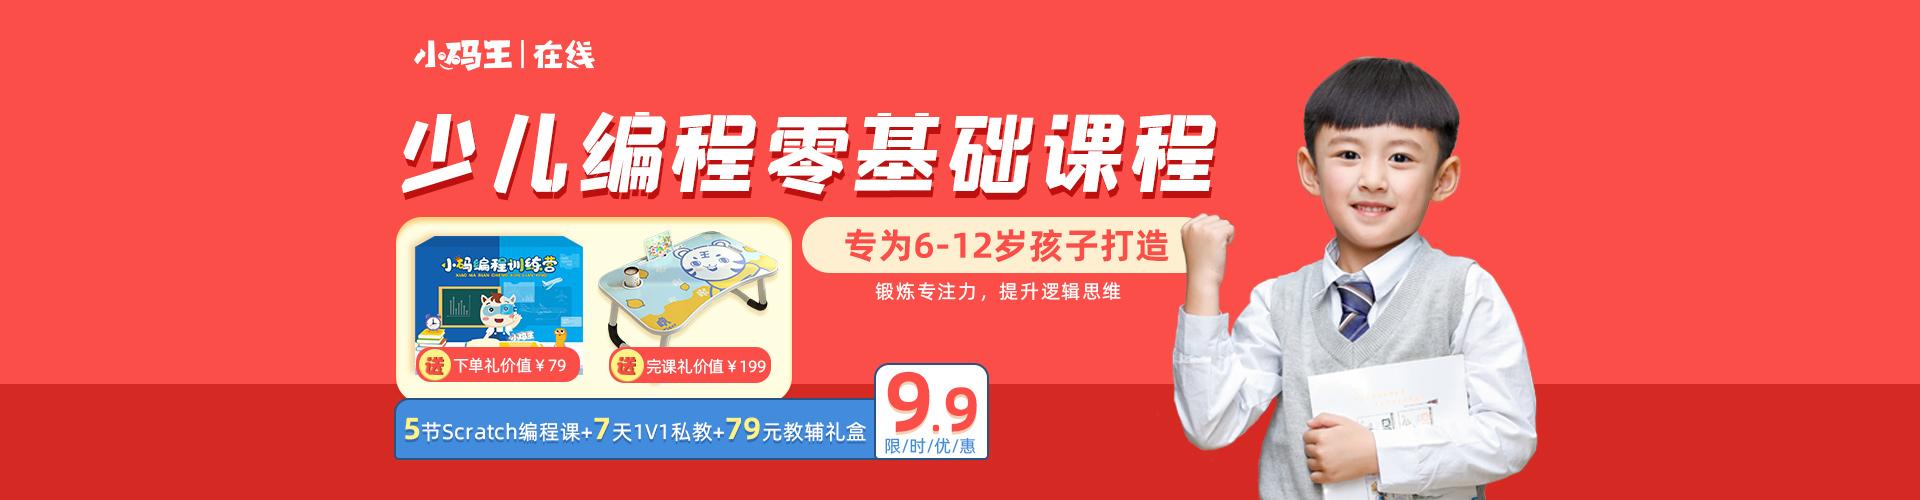 小码王在线专为6—12岁孩子打造:5节编程课+7天1V1辅导+79元教辅礼盒,完课更有精美礼品赠送!